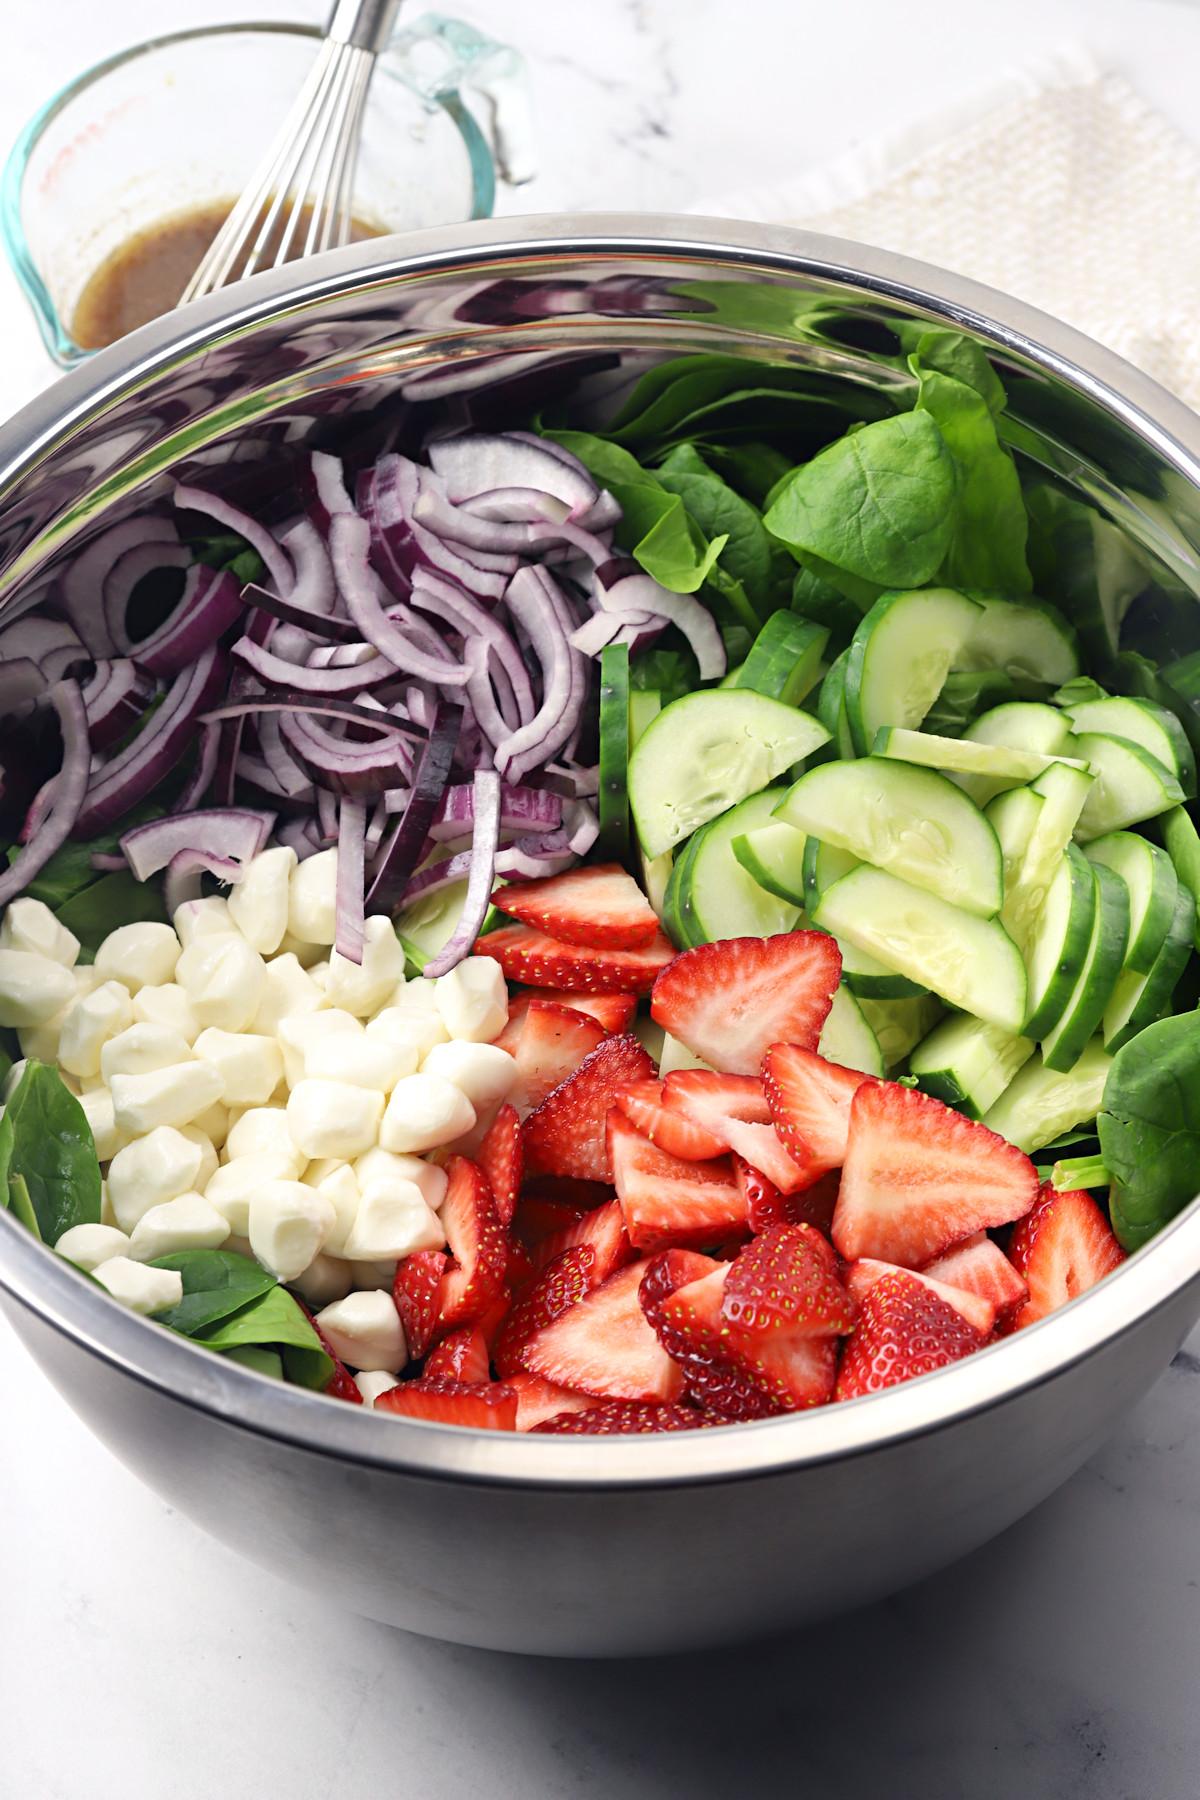 Salad ingredients in a large metal bowl.